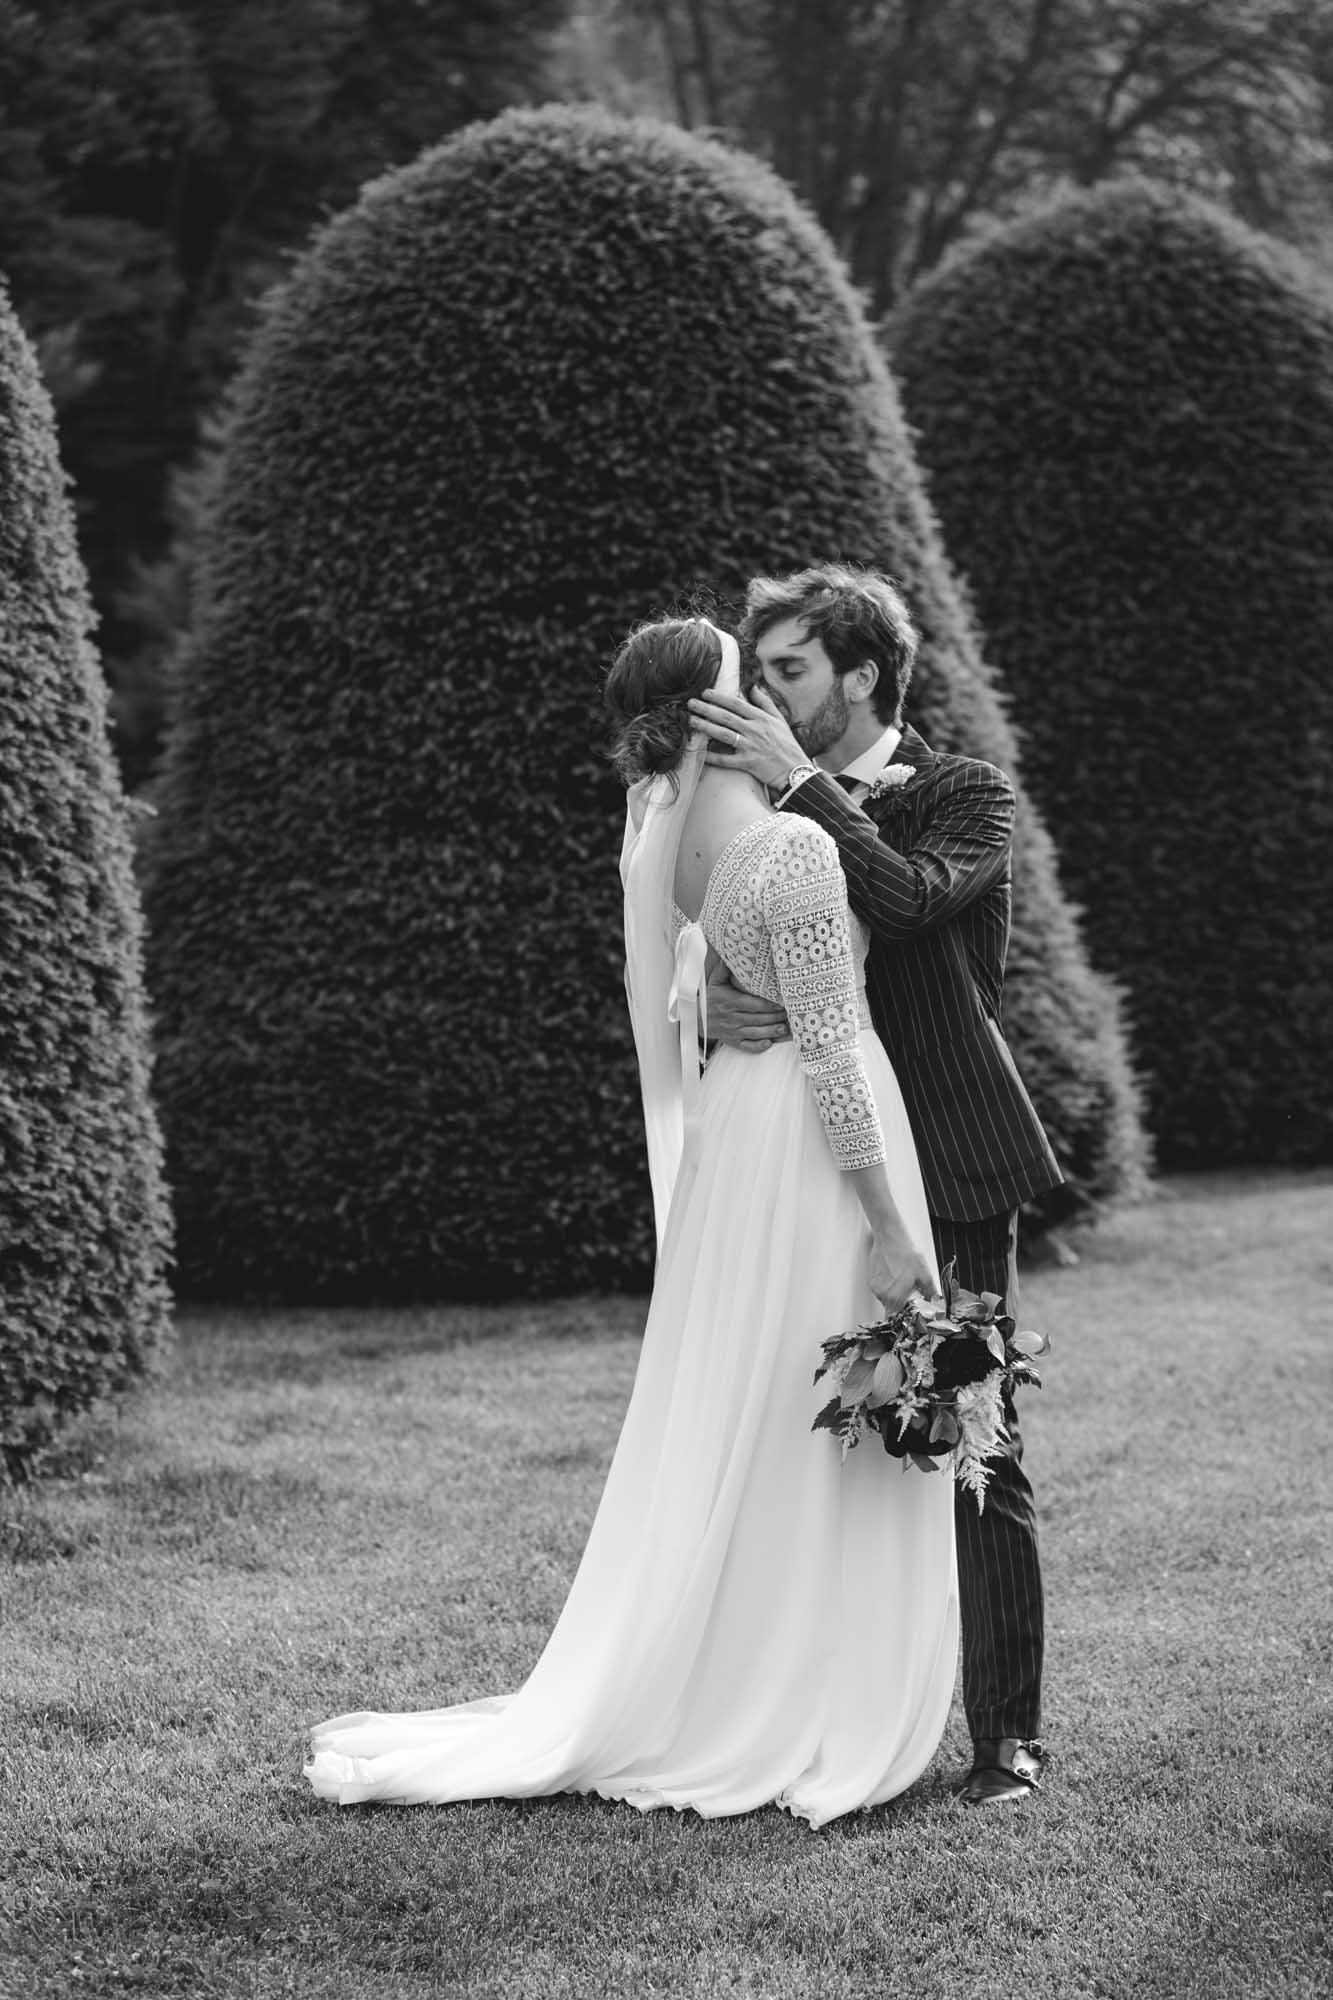 Baci in bianco e nero